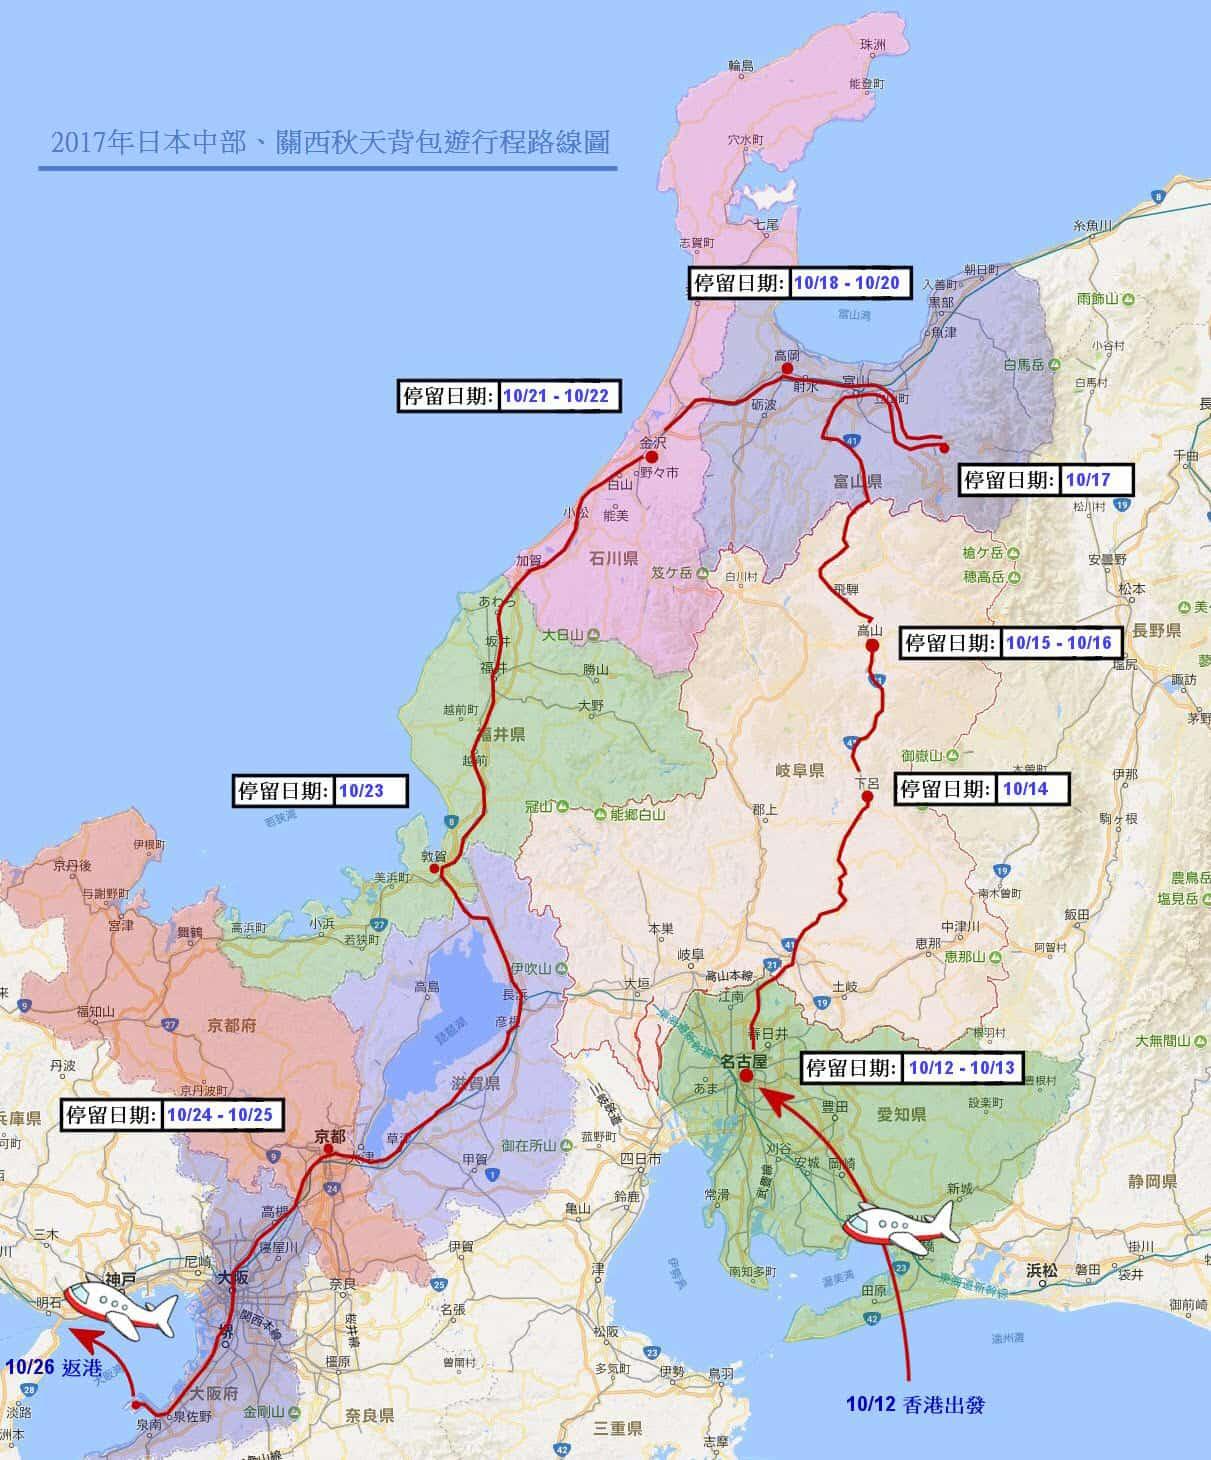 日本中部、北陸地區、關西秋天背包遊行程路線圖